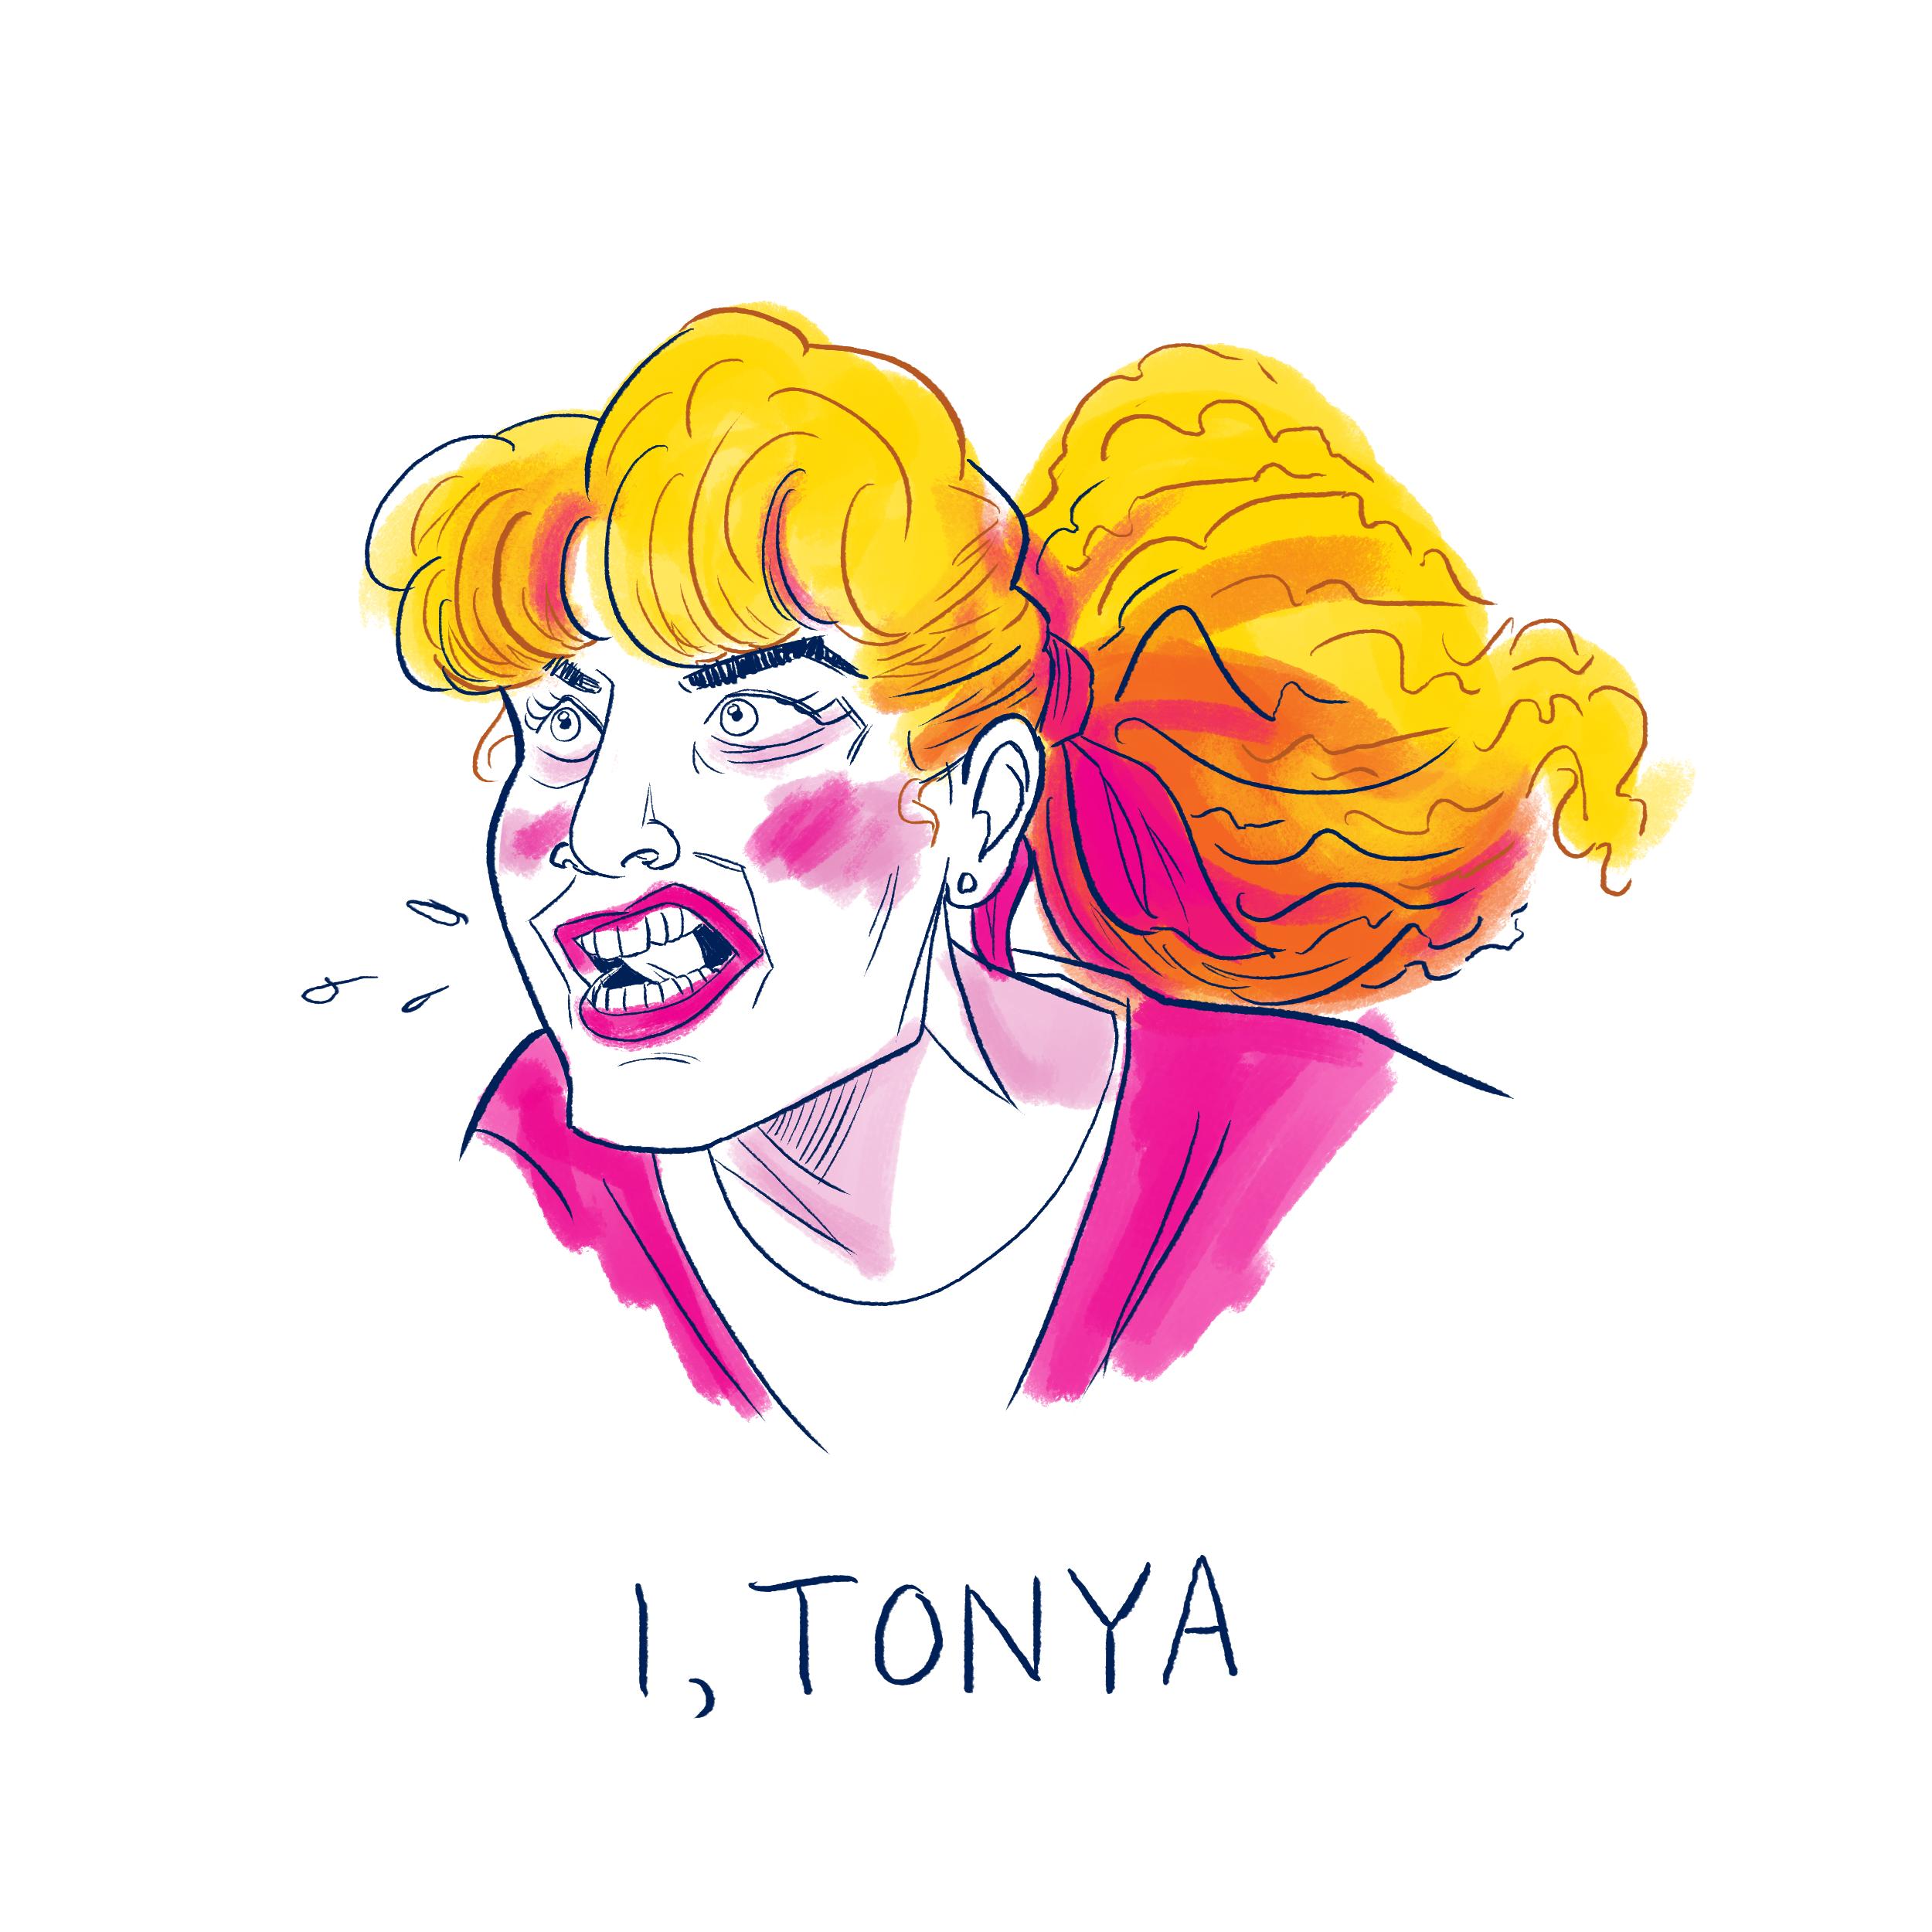 I, Tonya Fanart